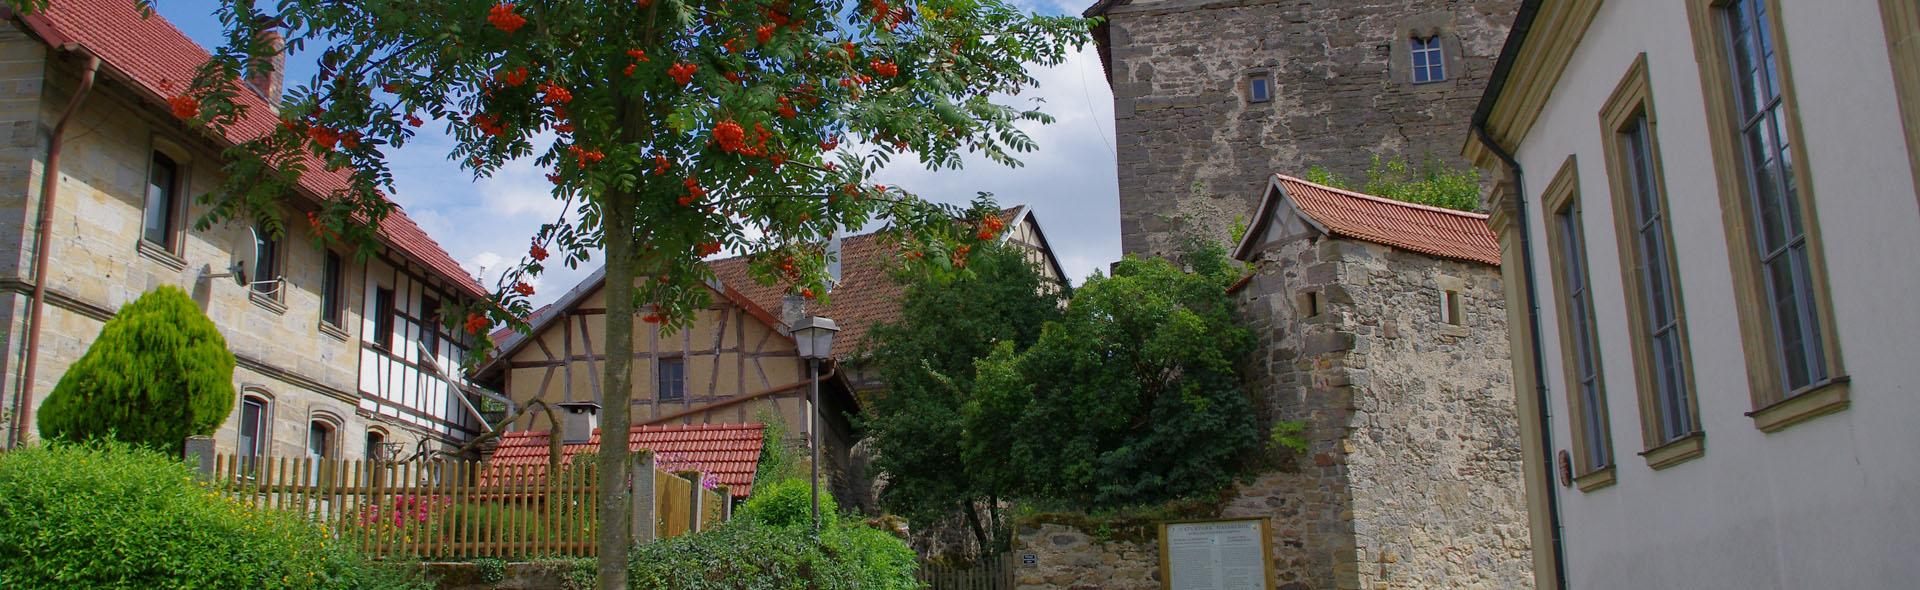 Ganerbenburg Lichtenstein